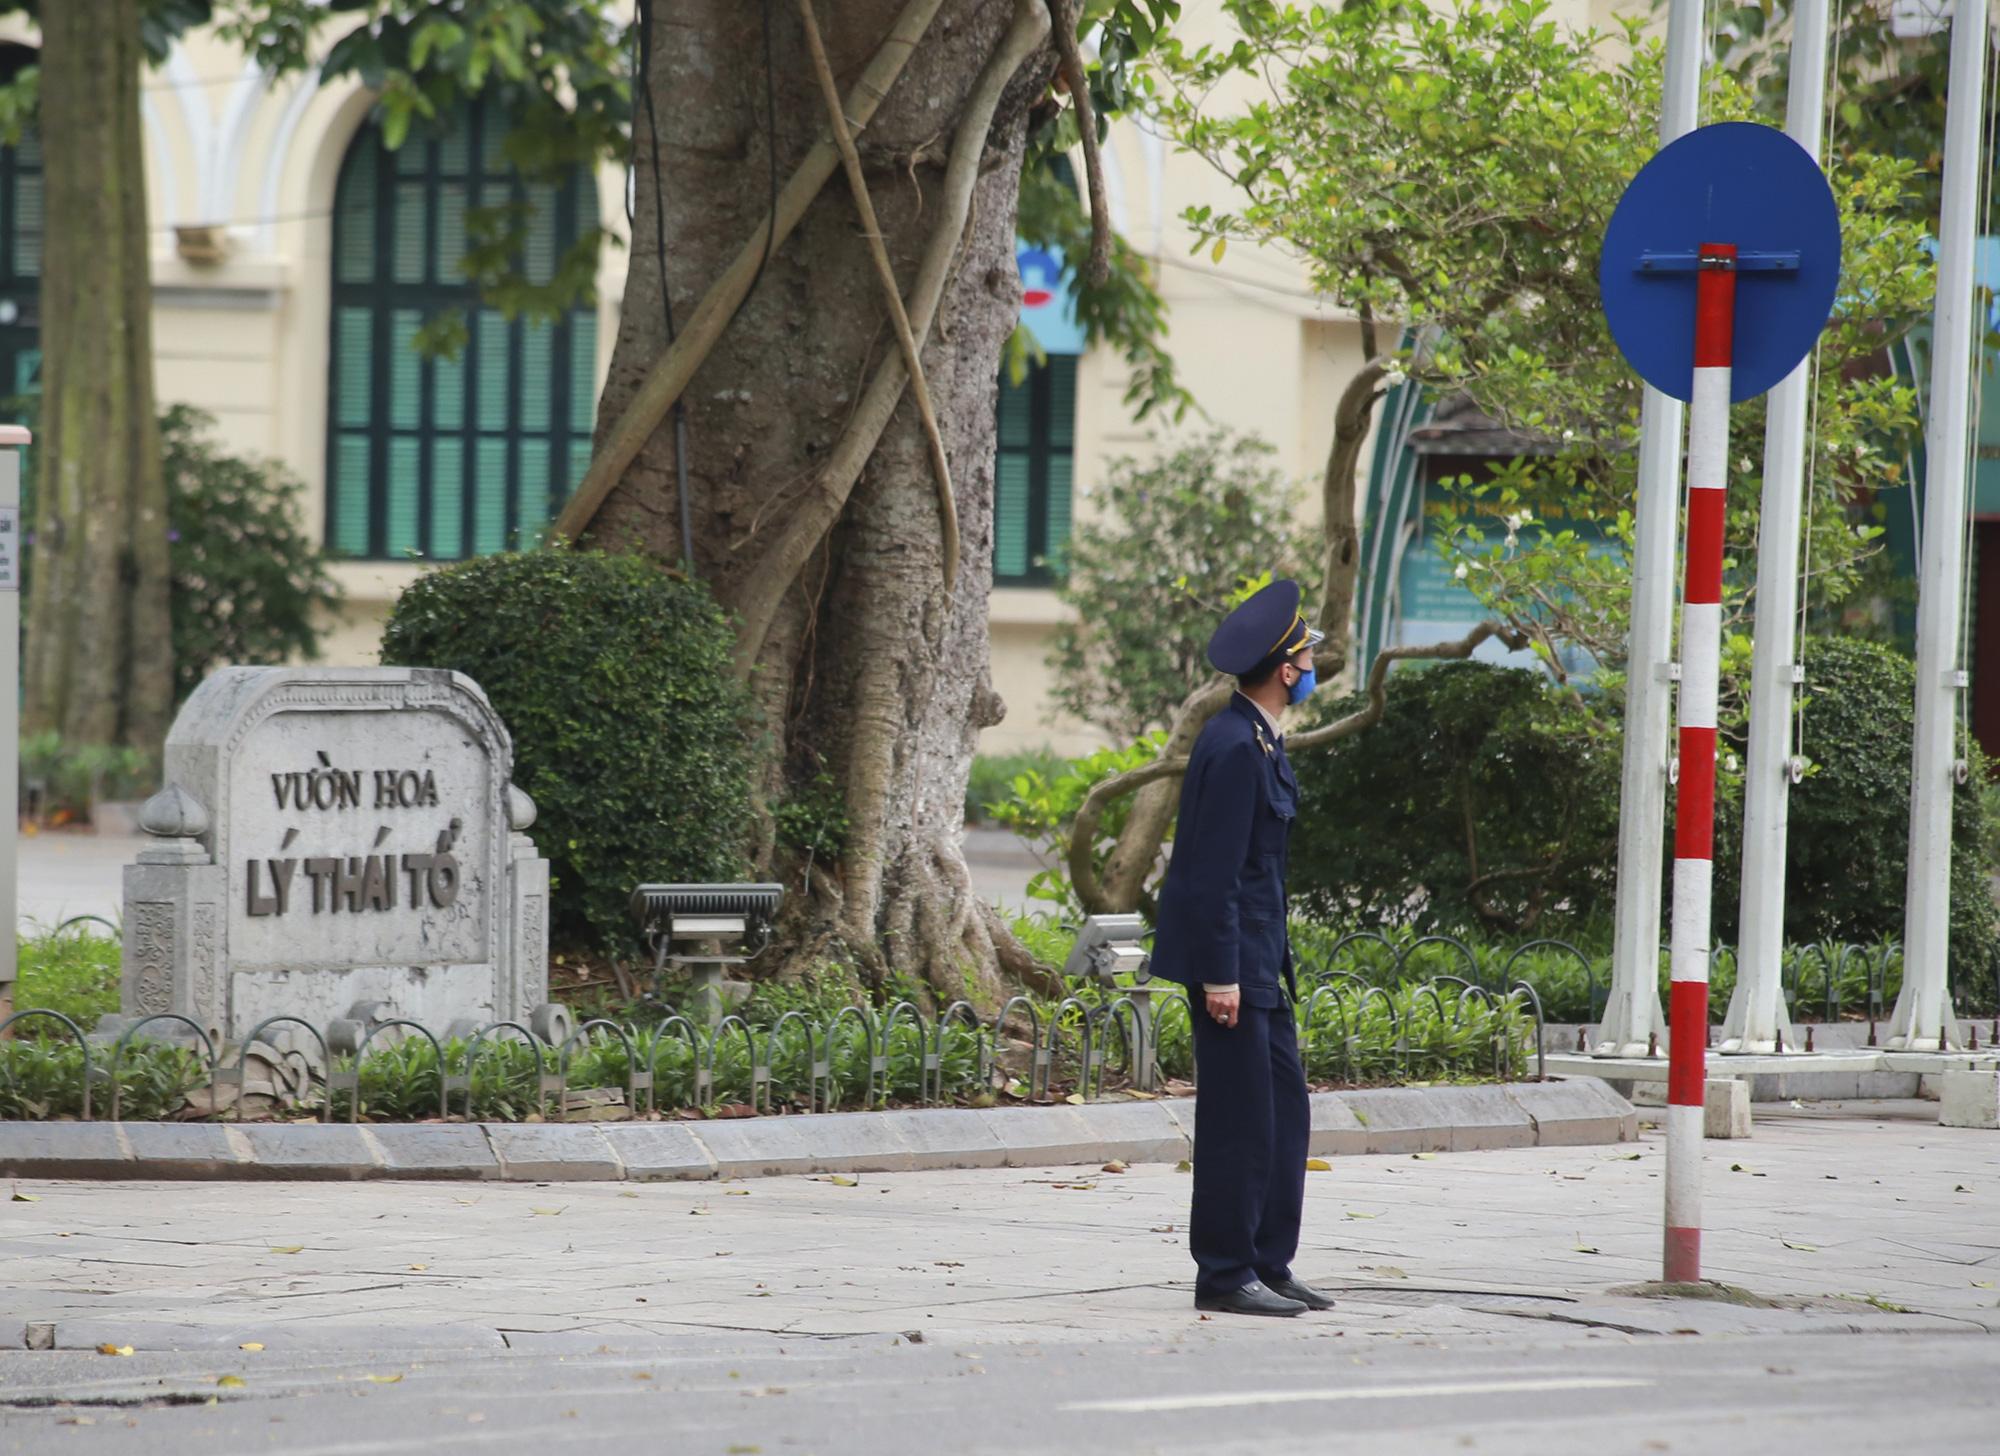 Hà Nội: Hàng trăm người dân đi tập thể dục bị nhắc nhở quay về nhà - Ảnh 9.